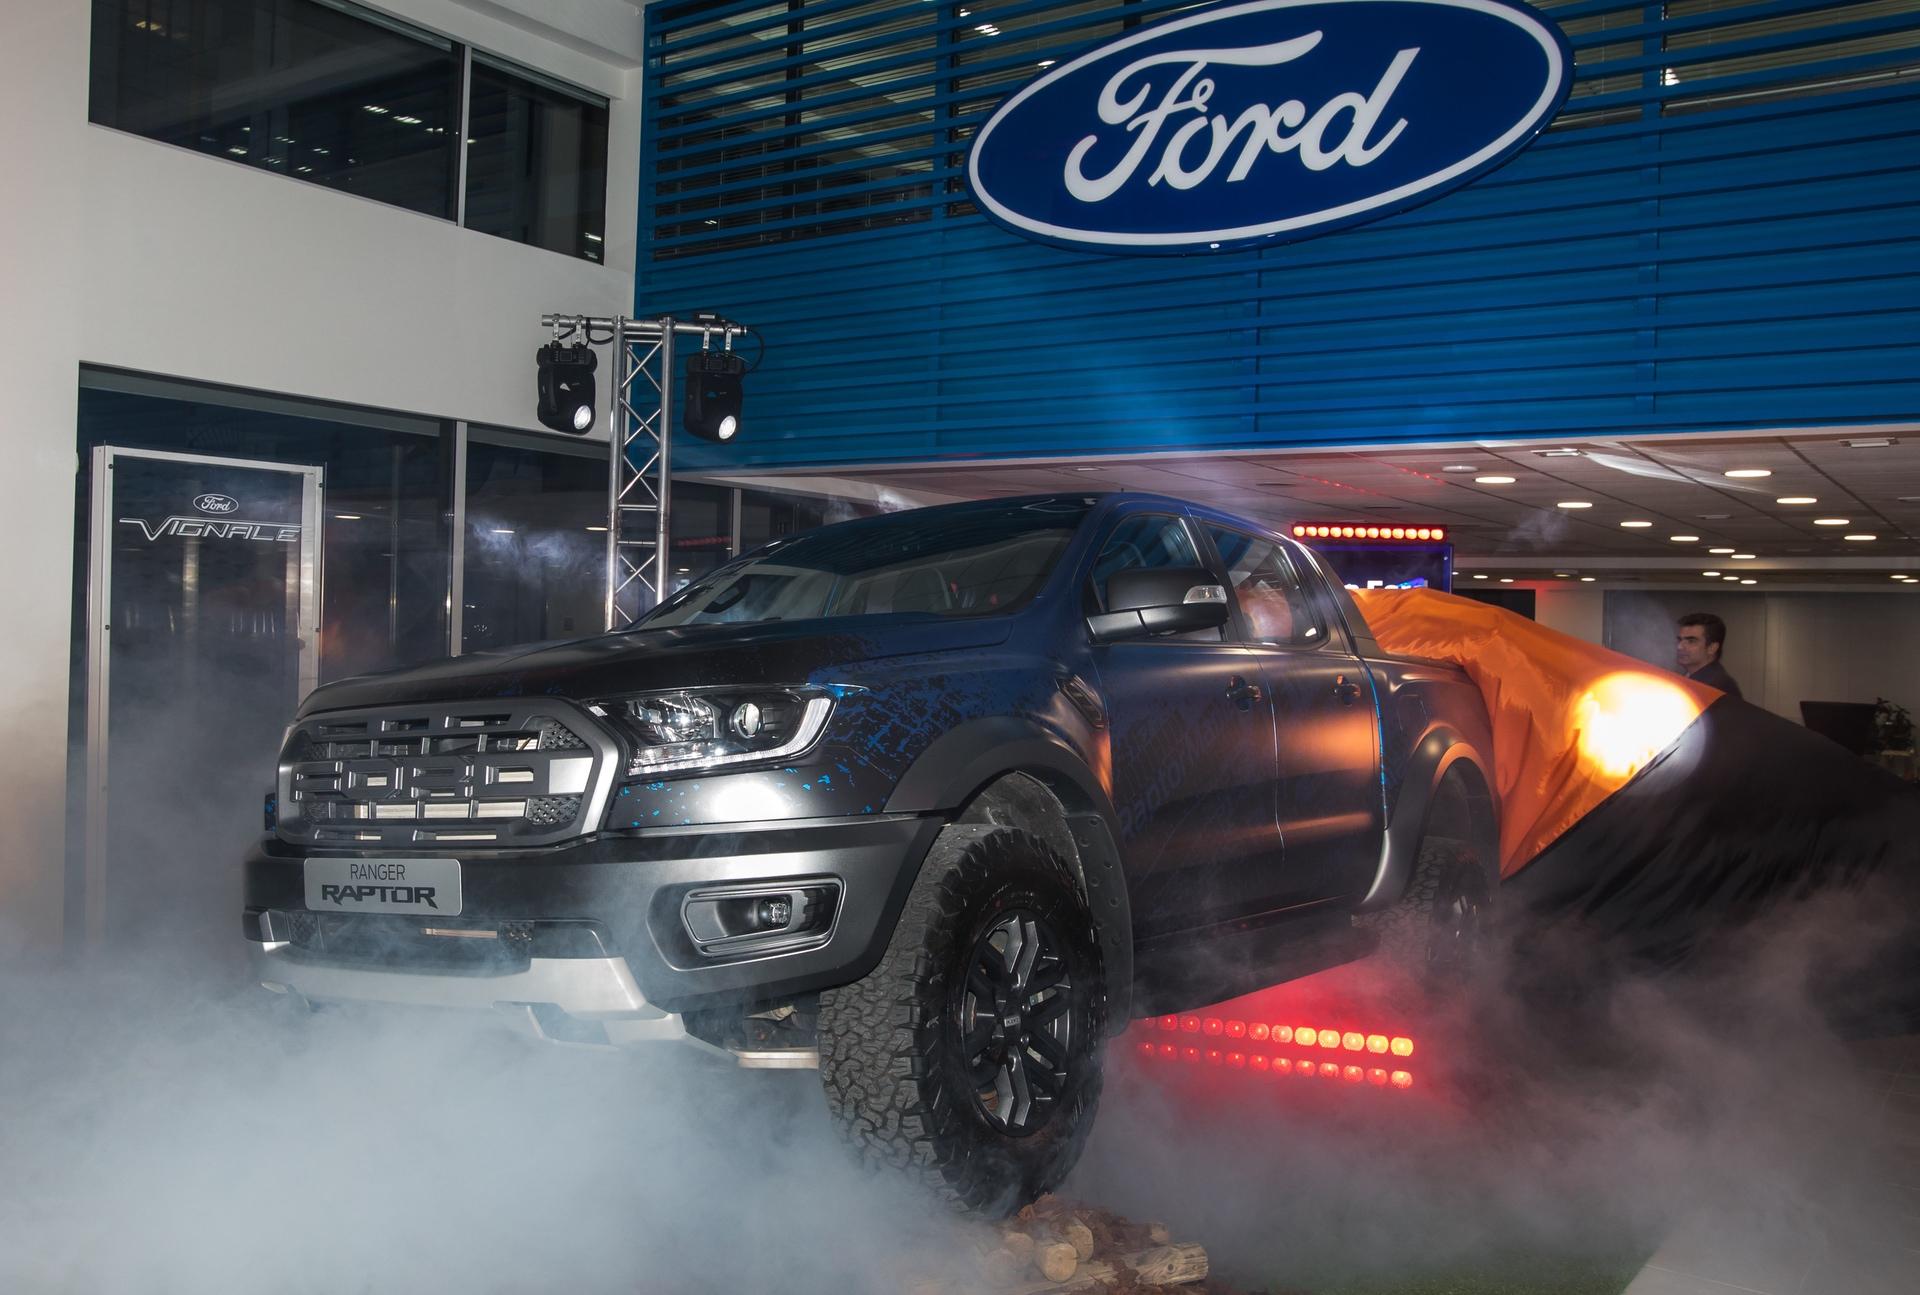 Ford_Ranger_Raptor_greek_resentation_0026